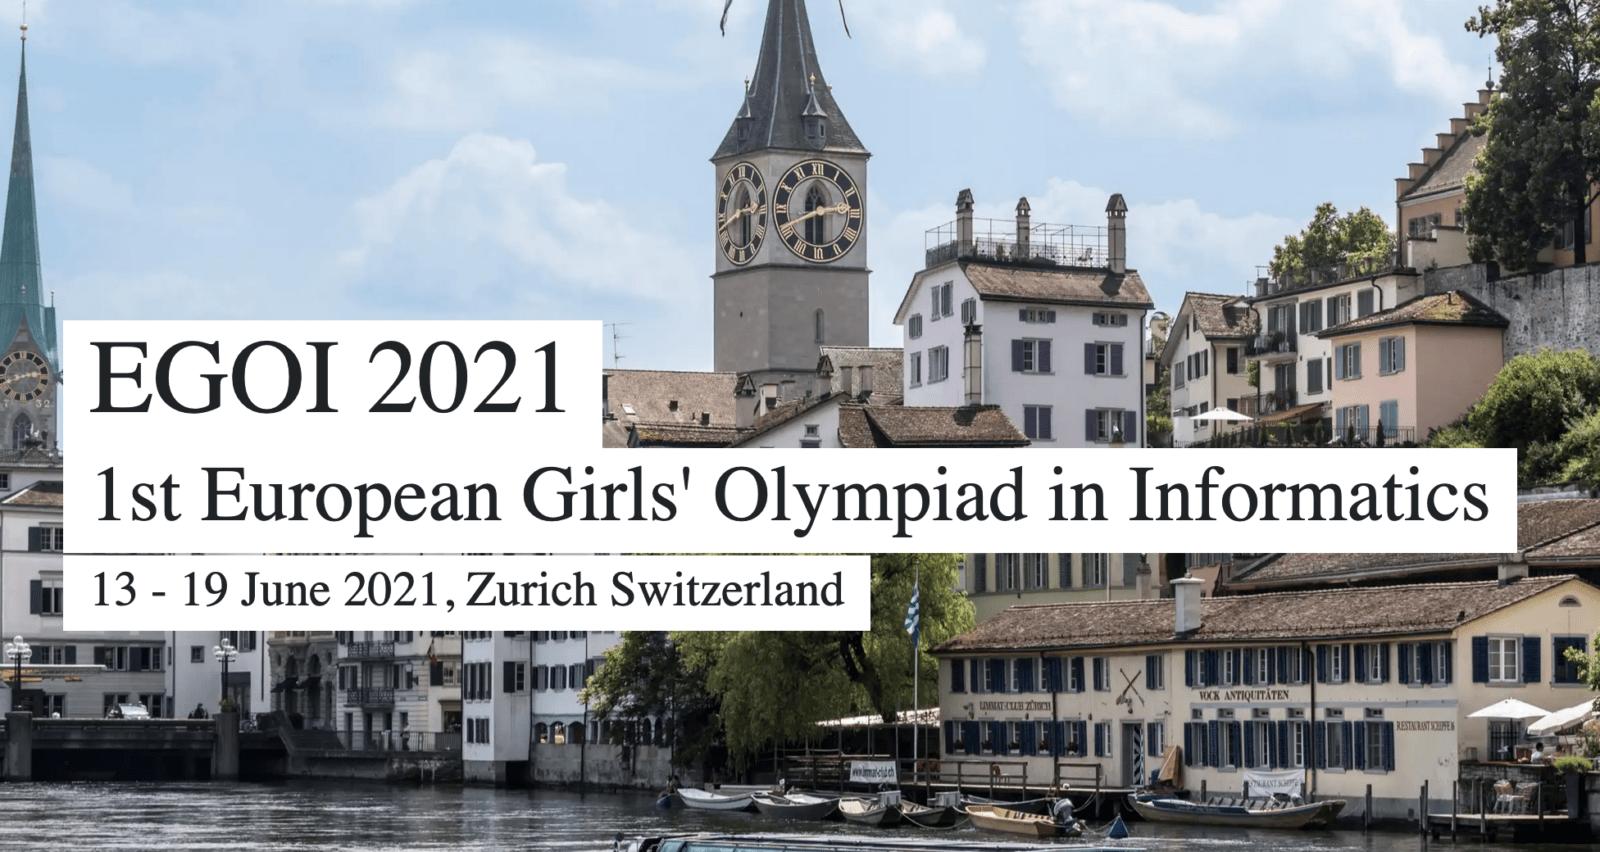 Российская сборная завоевала 4 золотые медали на Европейской женской школьной олимпиаде по информатике, проходившей в Швейцарии